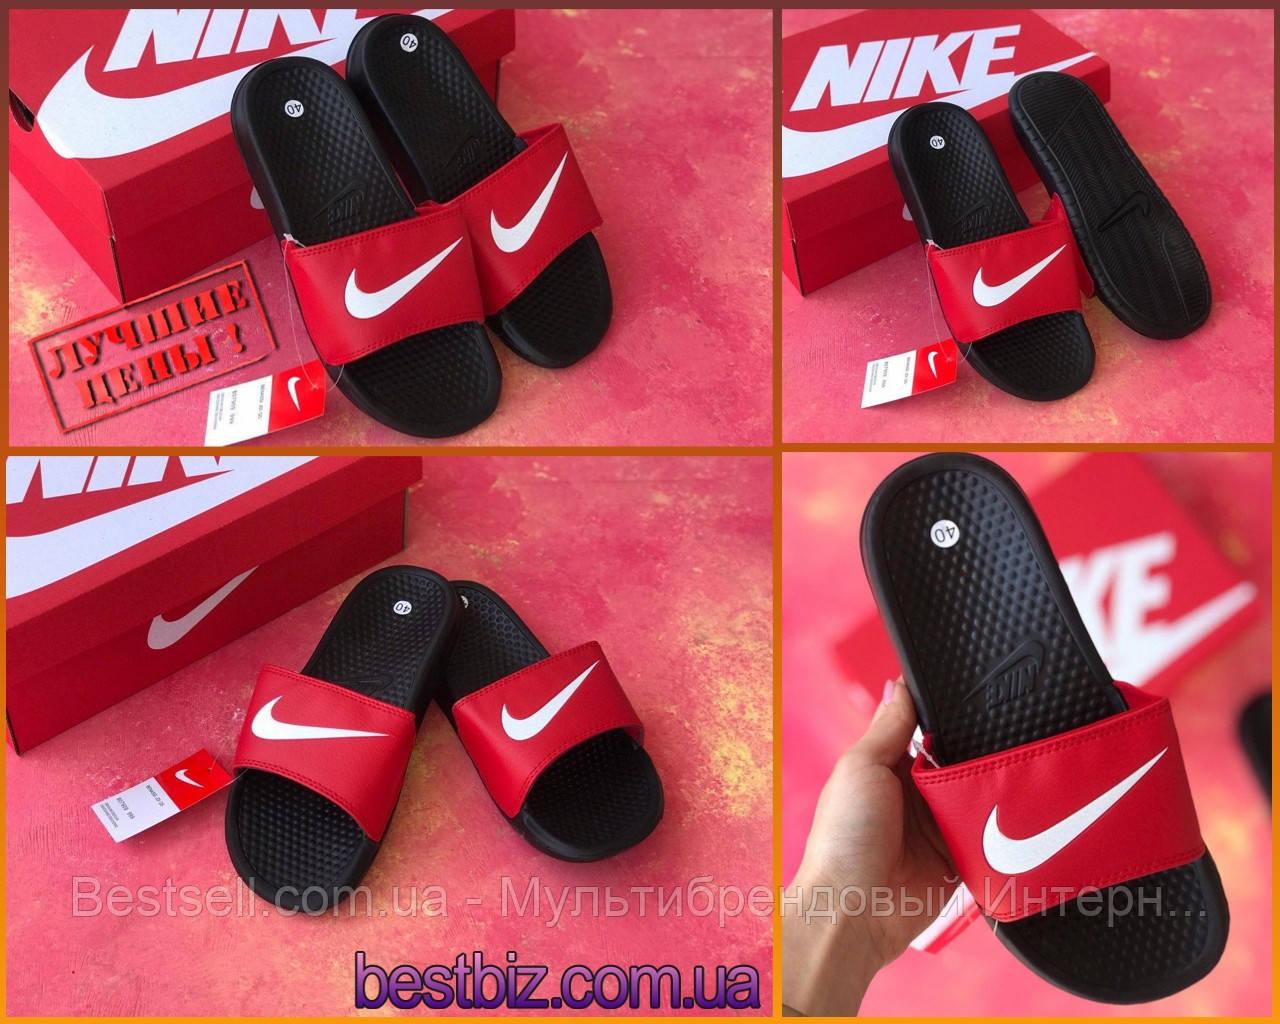 Шльопанці чоловічі Nike чорні з червоним / Сланці / шльопанці Nike червоні ( 41 останній розмір )